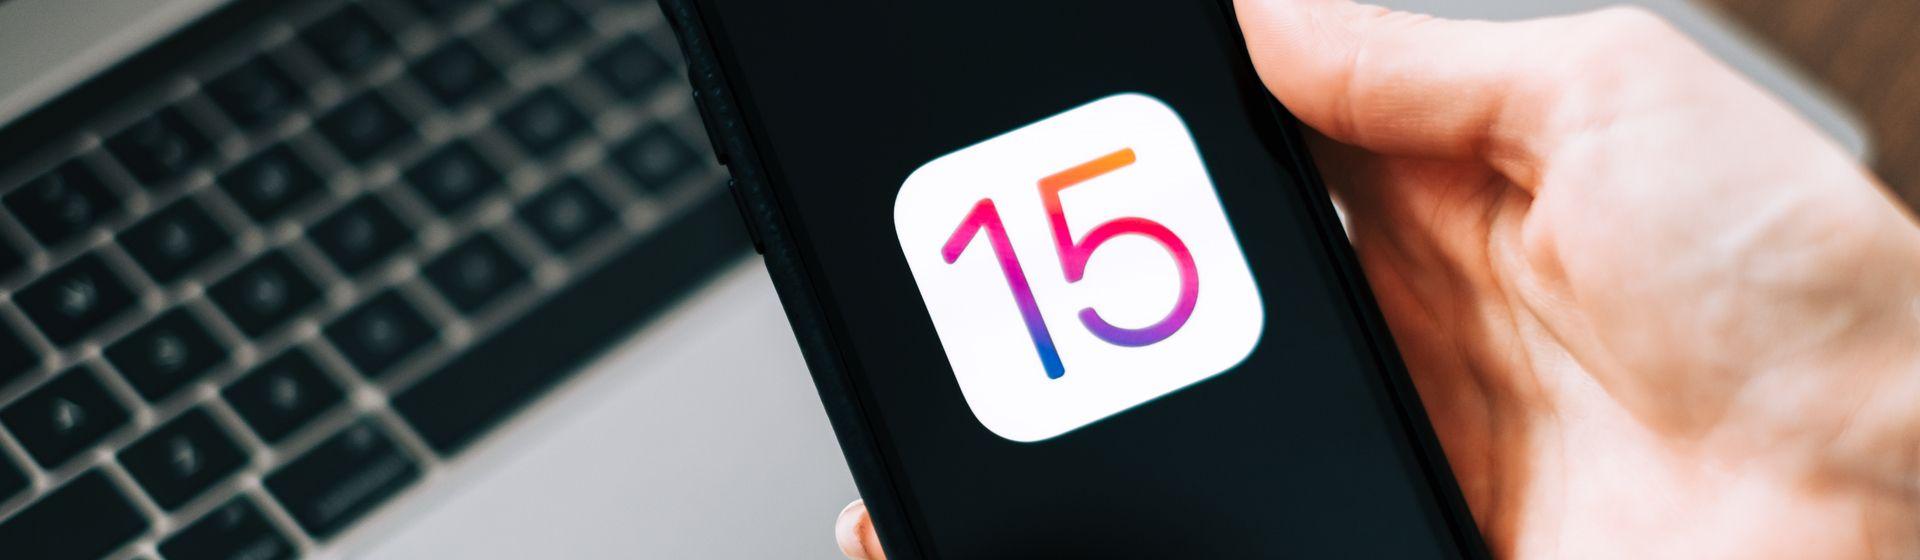 iOS 15: tudo sobre a nova atualização do iPhone